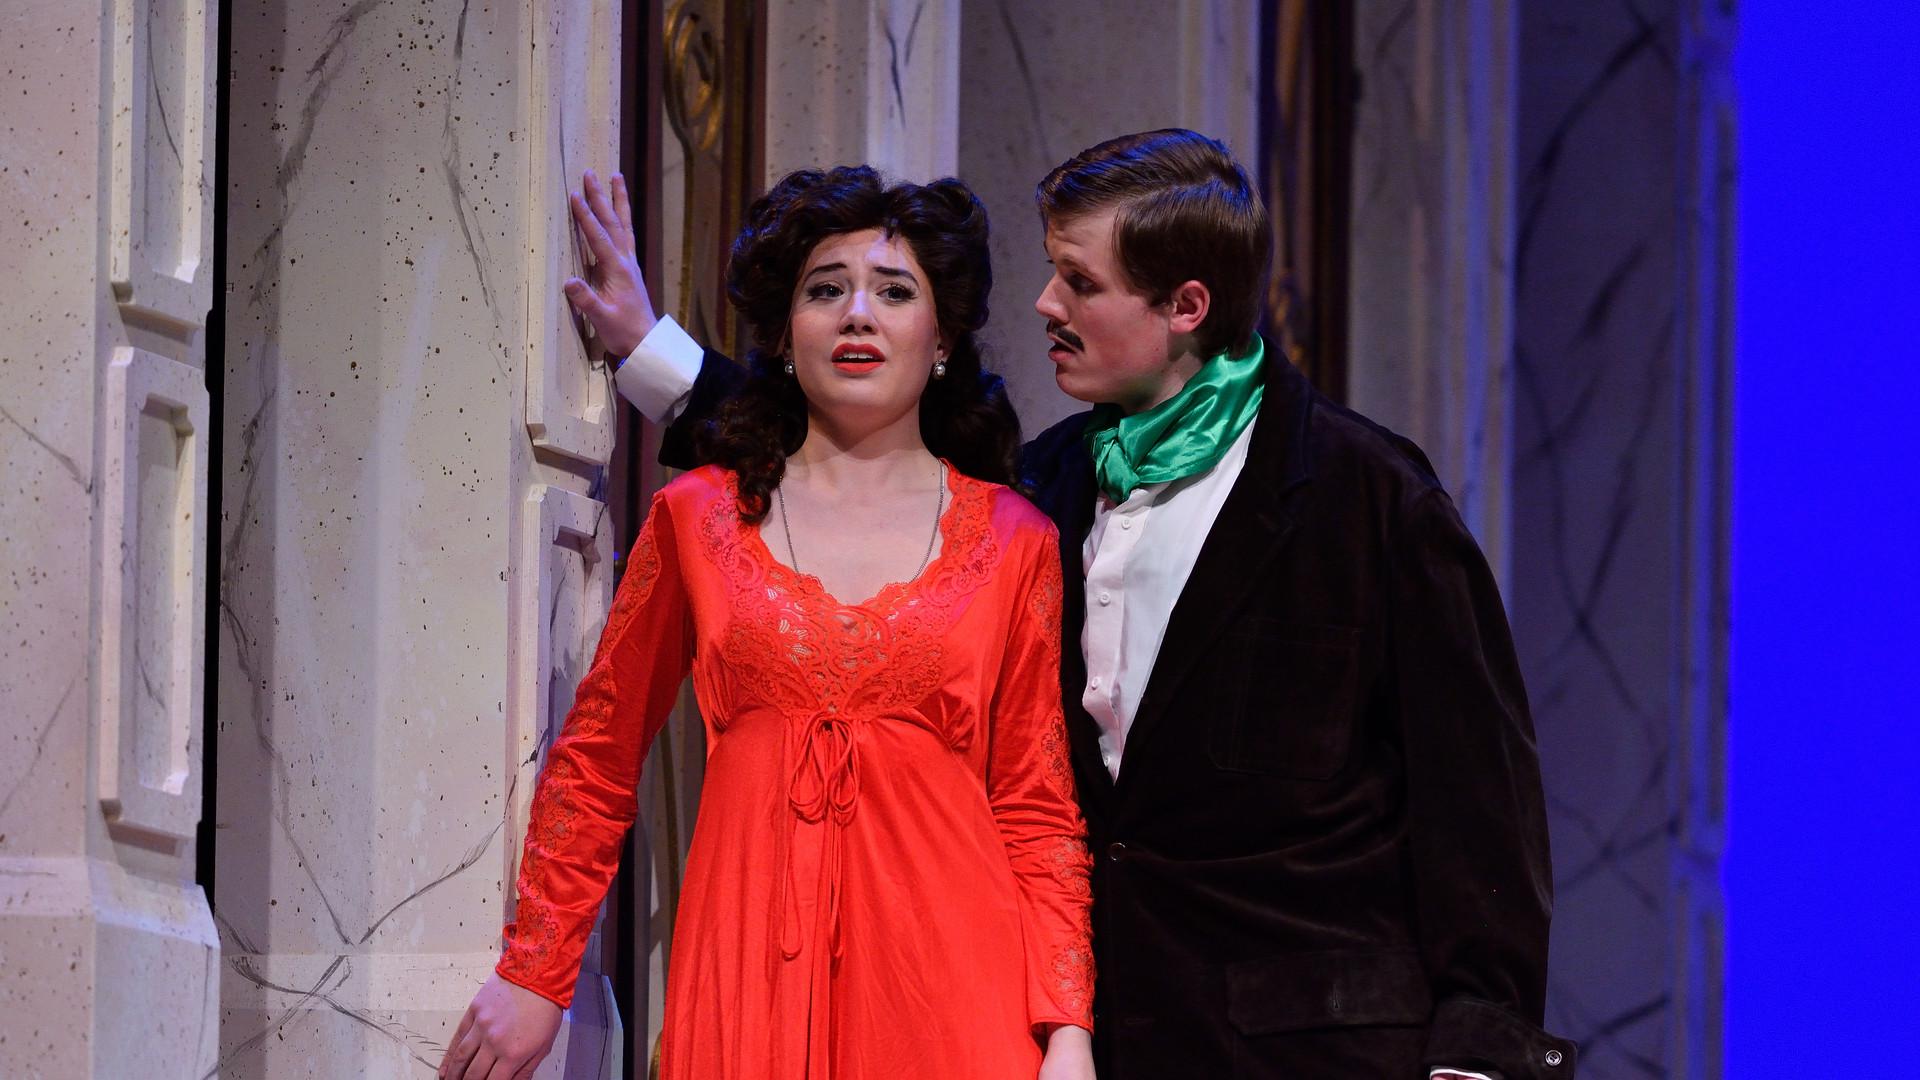 MSU Opera Theatre Le Nozze di Figaro 2017